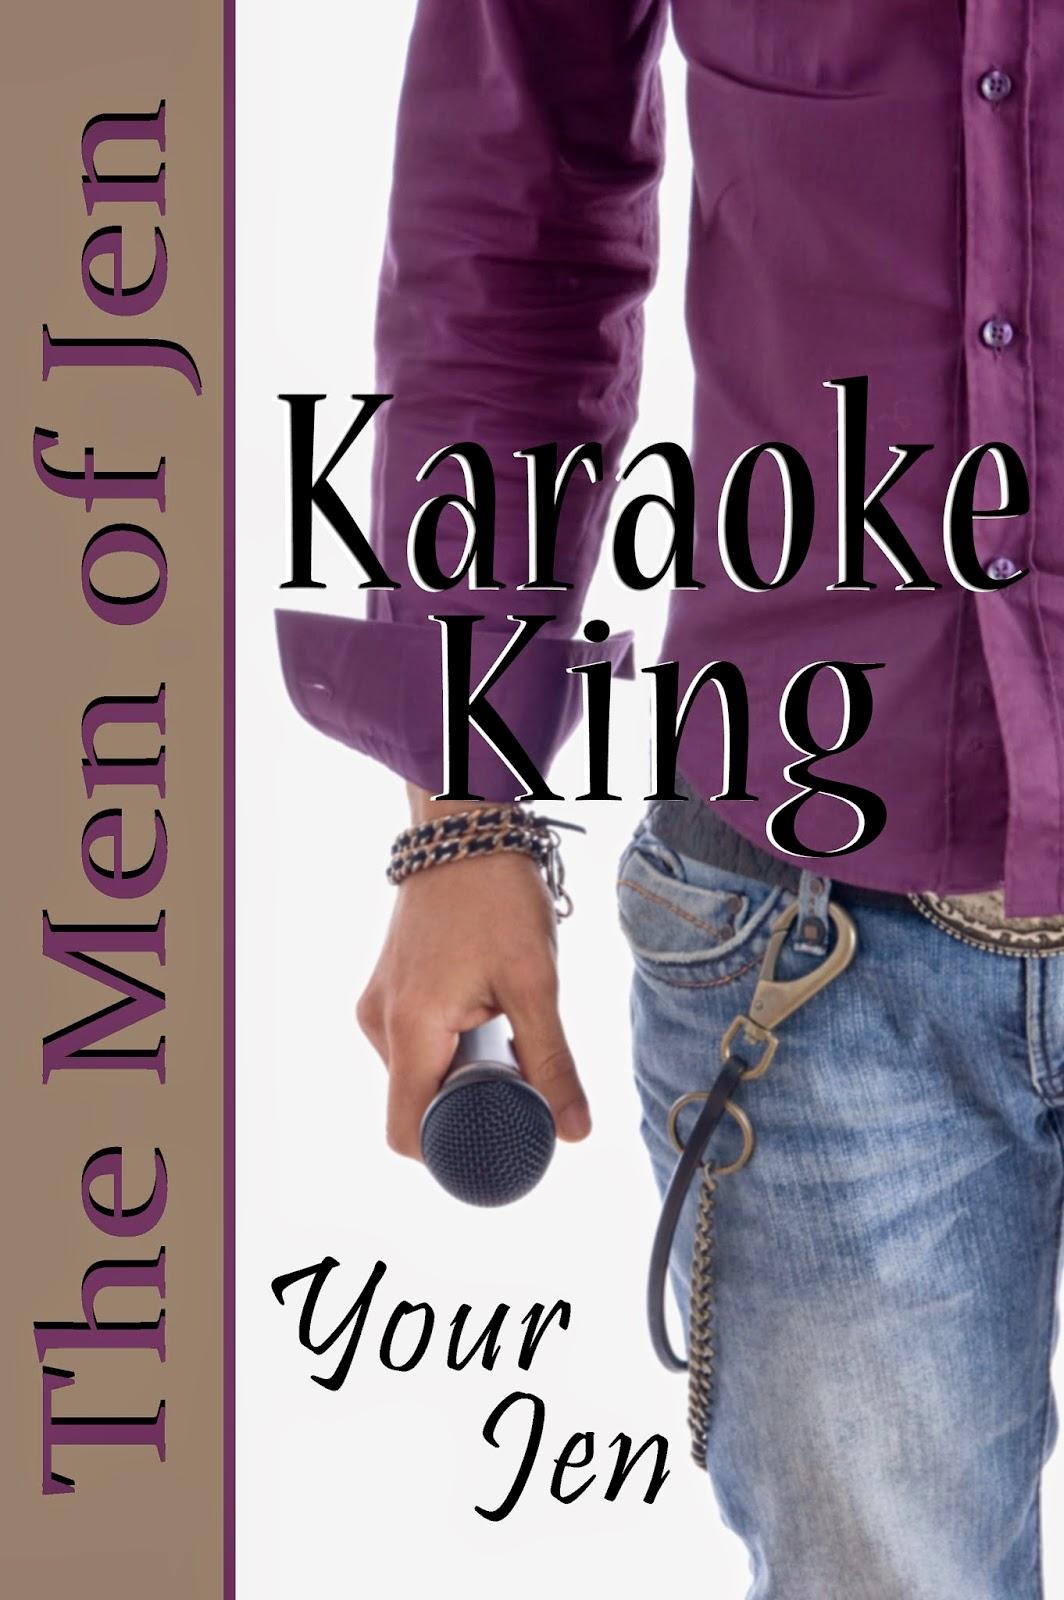 http://www.amazon.com/Karaoke-King-Men-Jen-Book-ebook/dp/B00U227BF8/ref=asap_bc?ie=UTF8